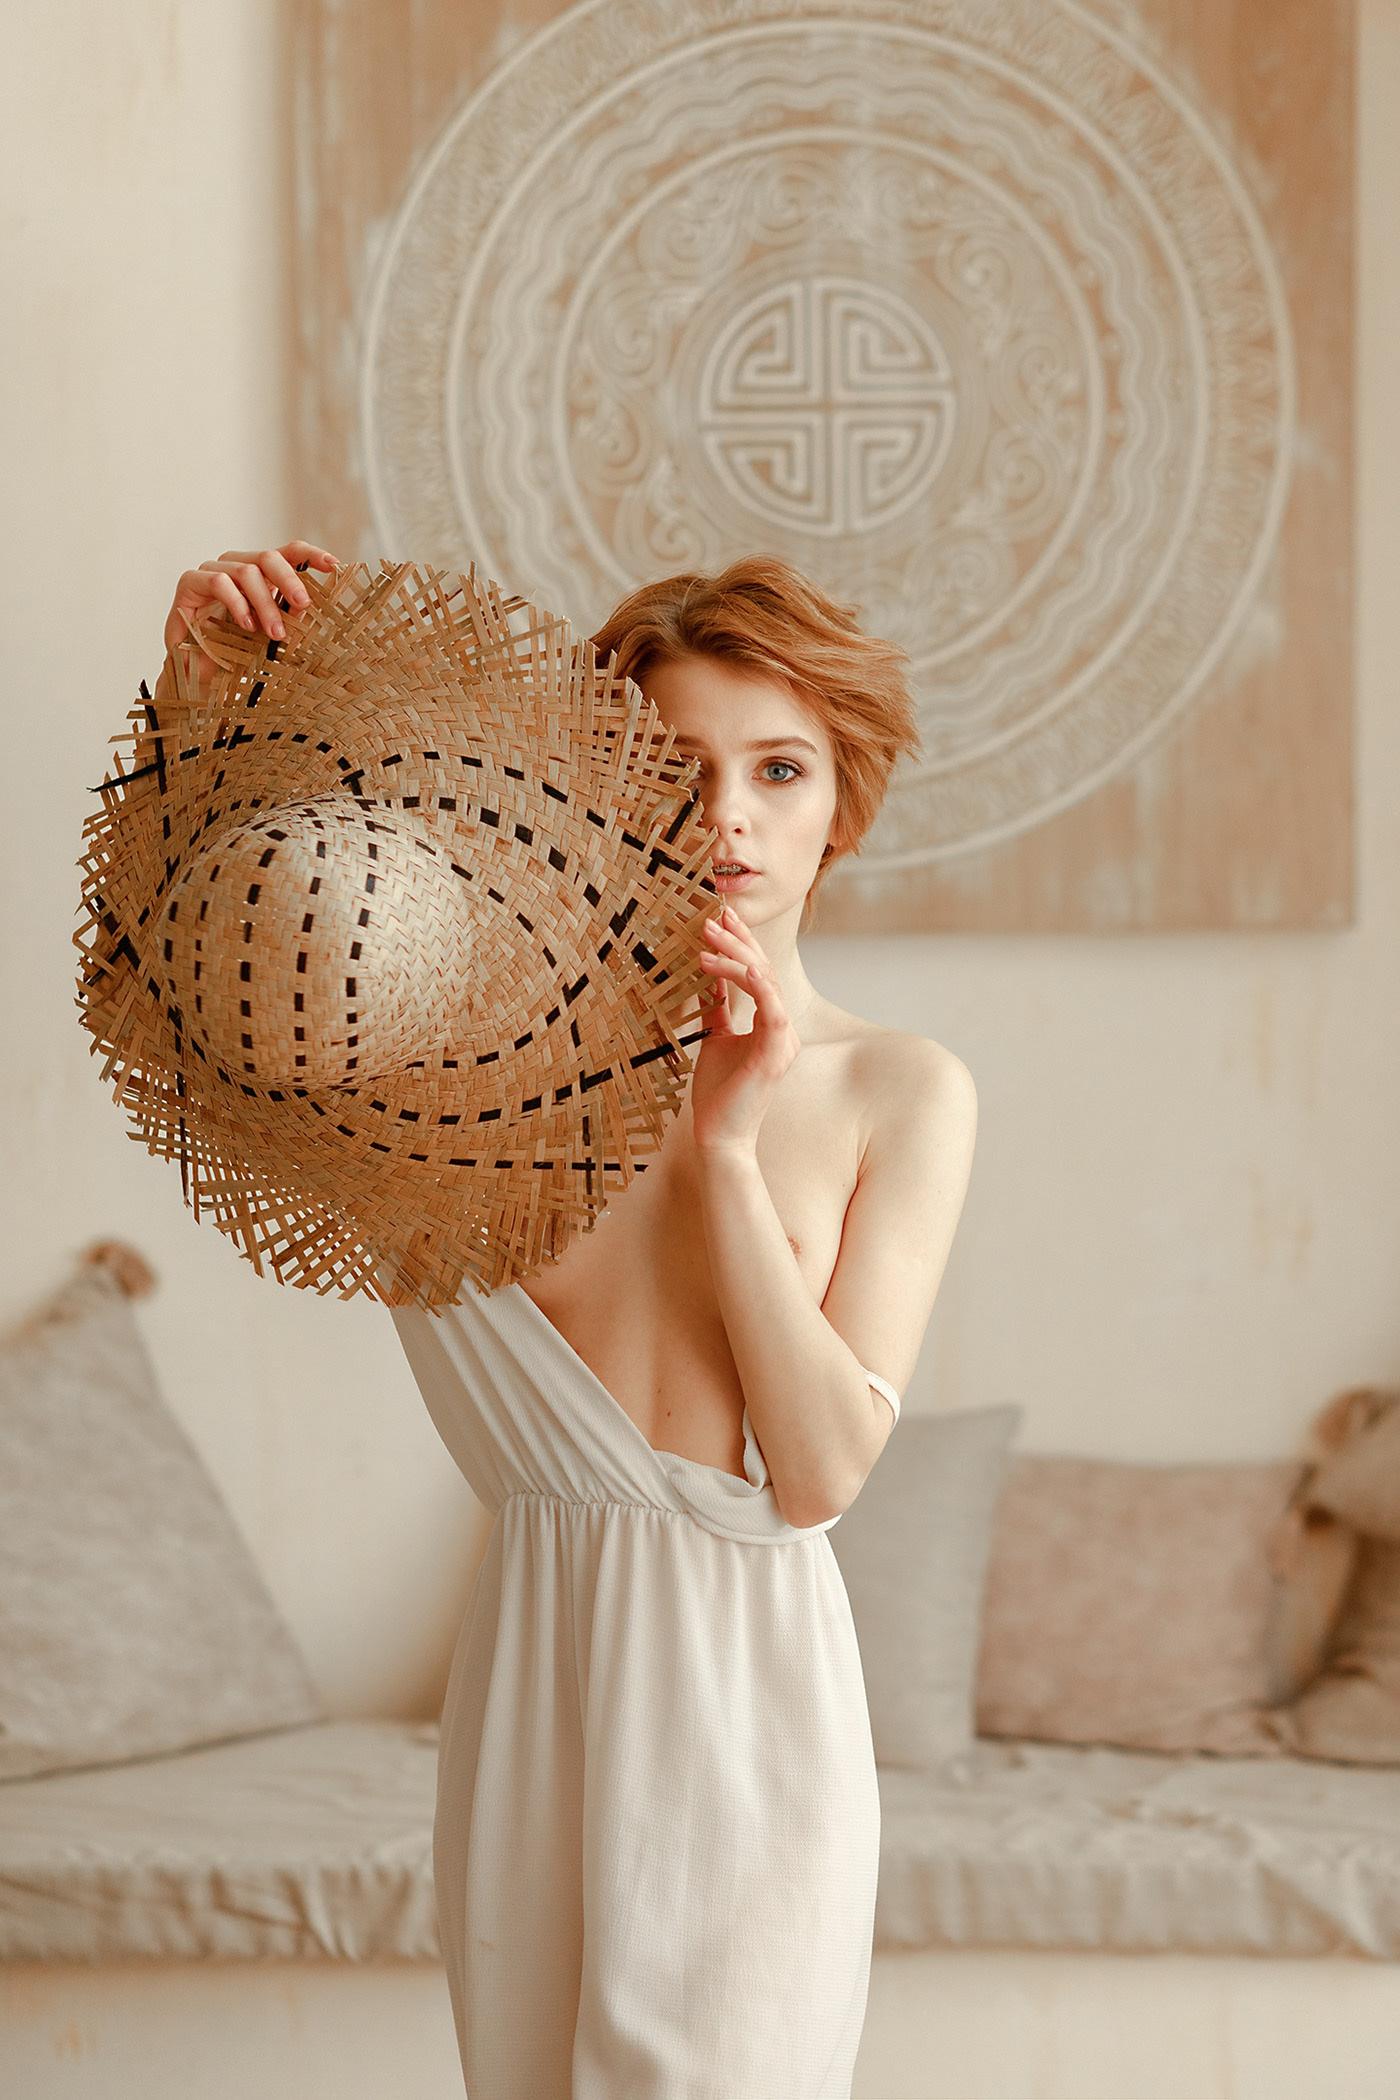 Gentle morning / Марта Громова - фото Игорь Куприянов